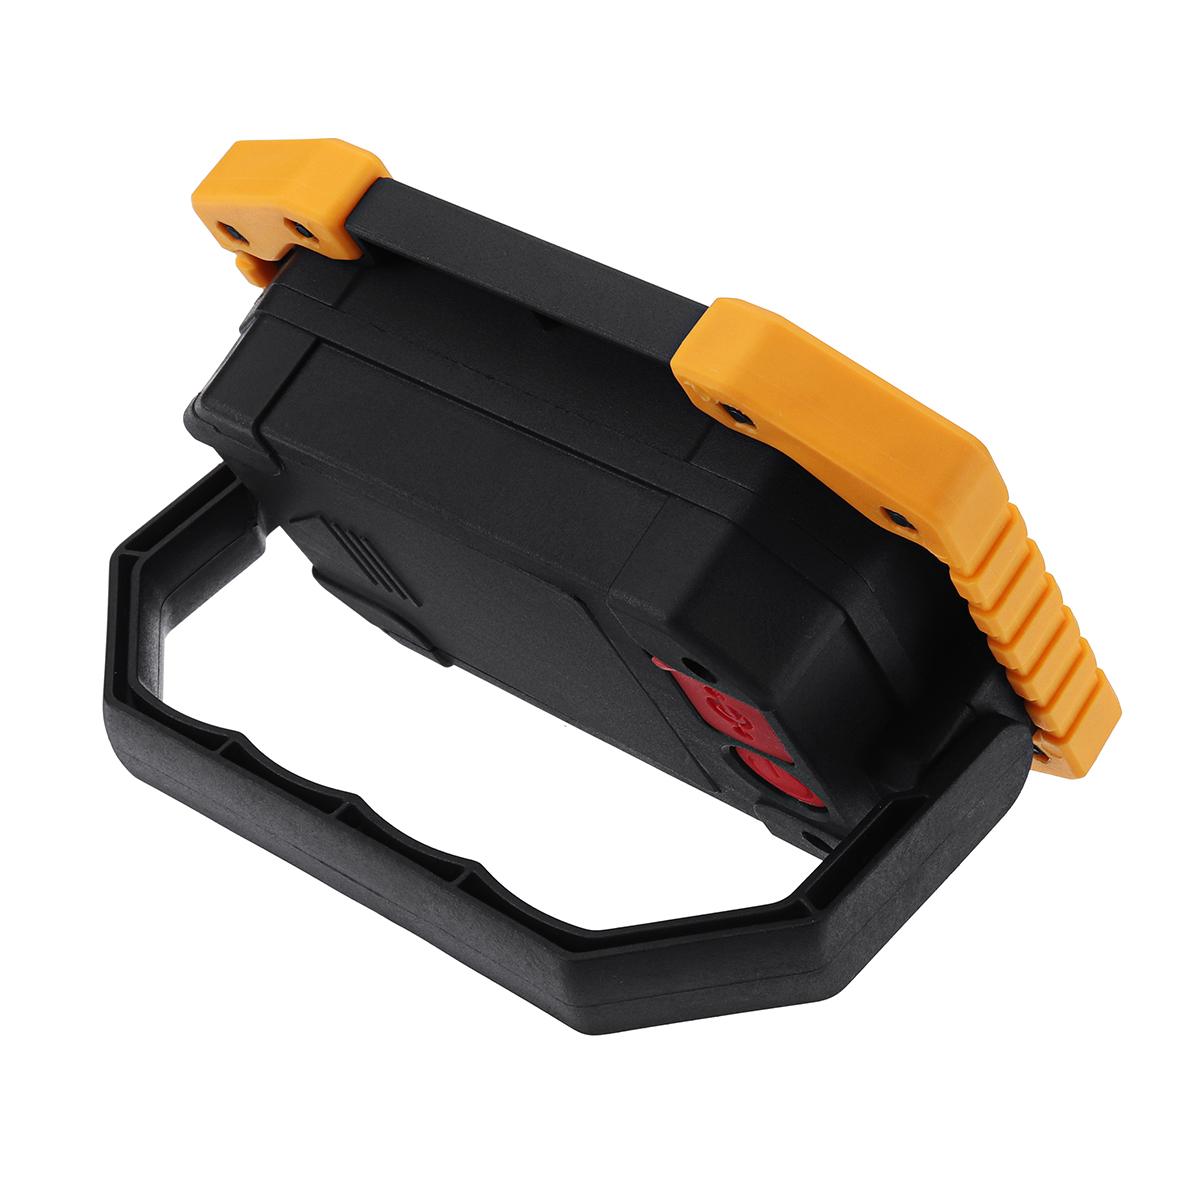 Xmund XD-SL2 30 Вт USB LED COB На открытом воздухе 3 режима рабочего освещения Кемпинг Фонарь аварийного фонаря Прожекто - фото 6